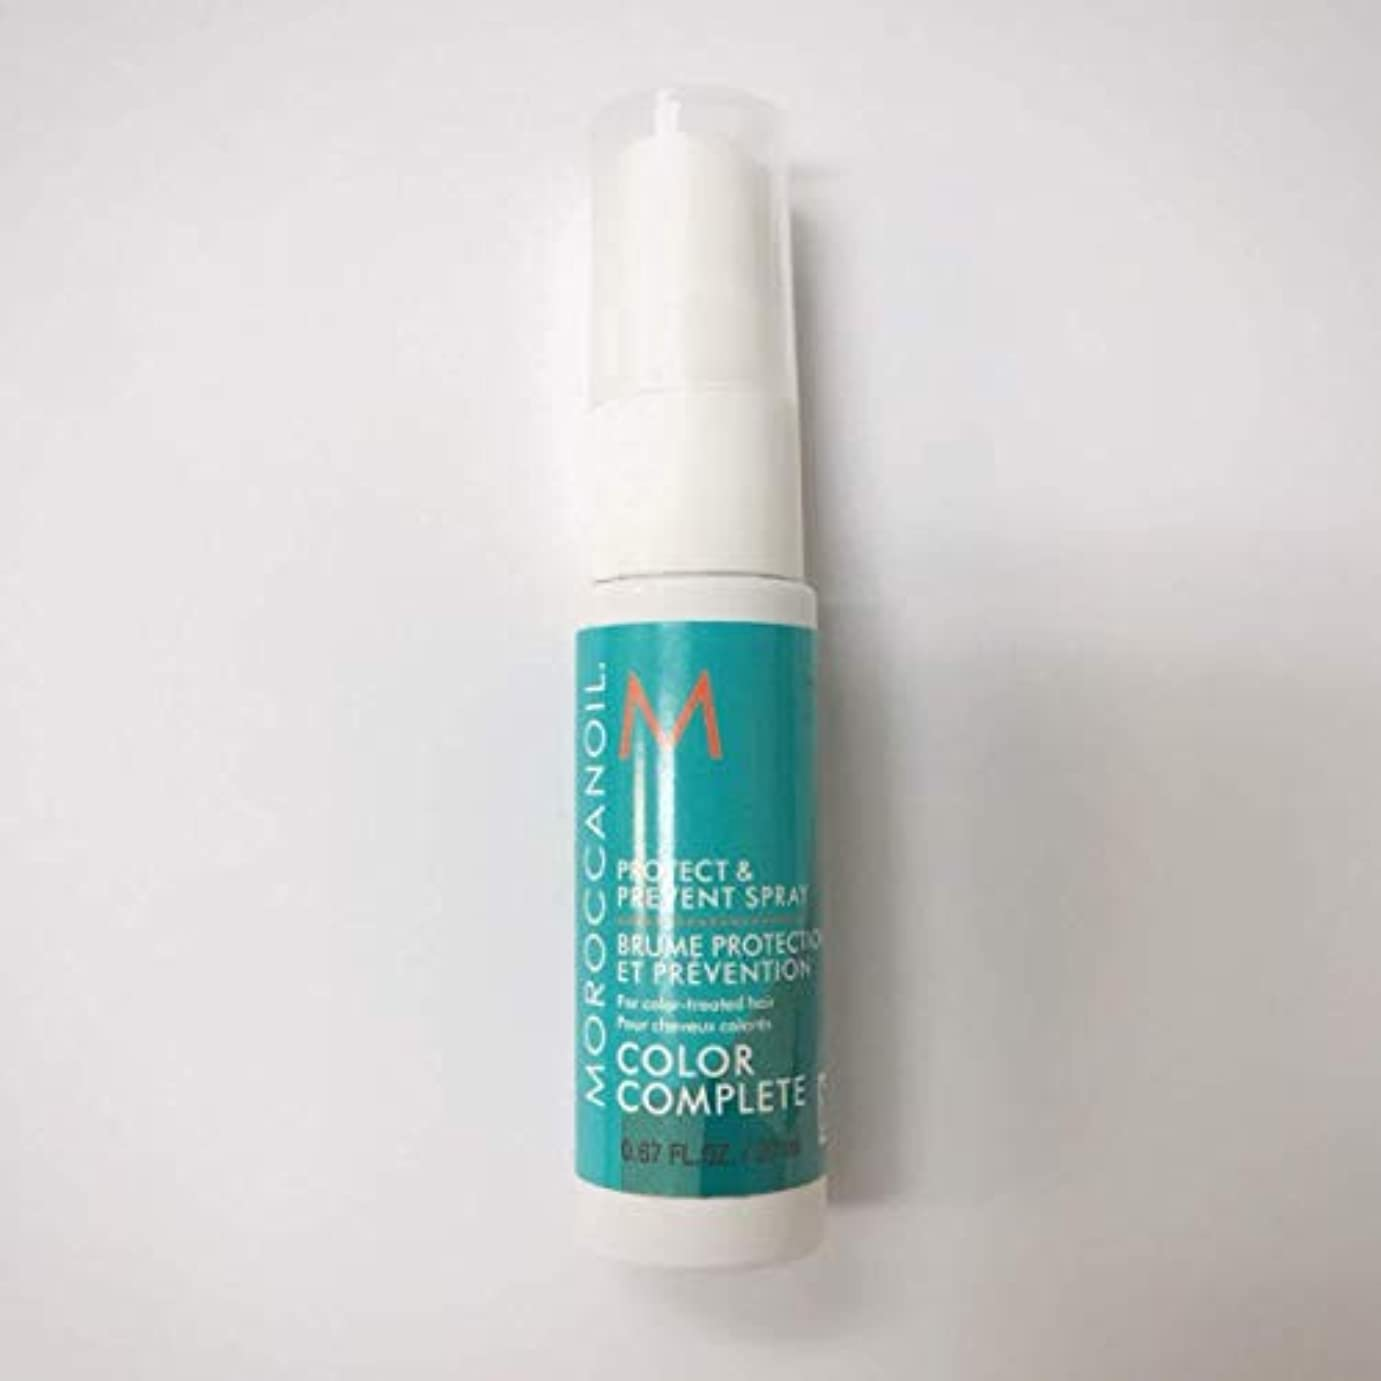 圧縮暗殺する運河Moroccanoil Protect & Prevent Color Complete Spray Travel Size 20ml [並行輸入品]